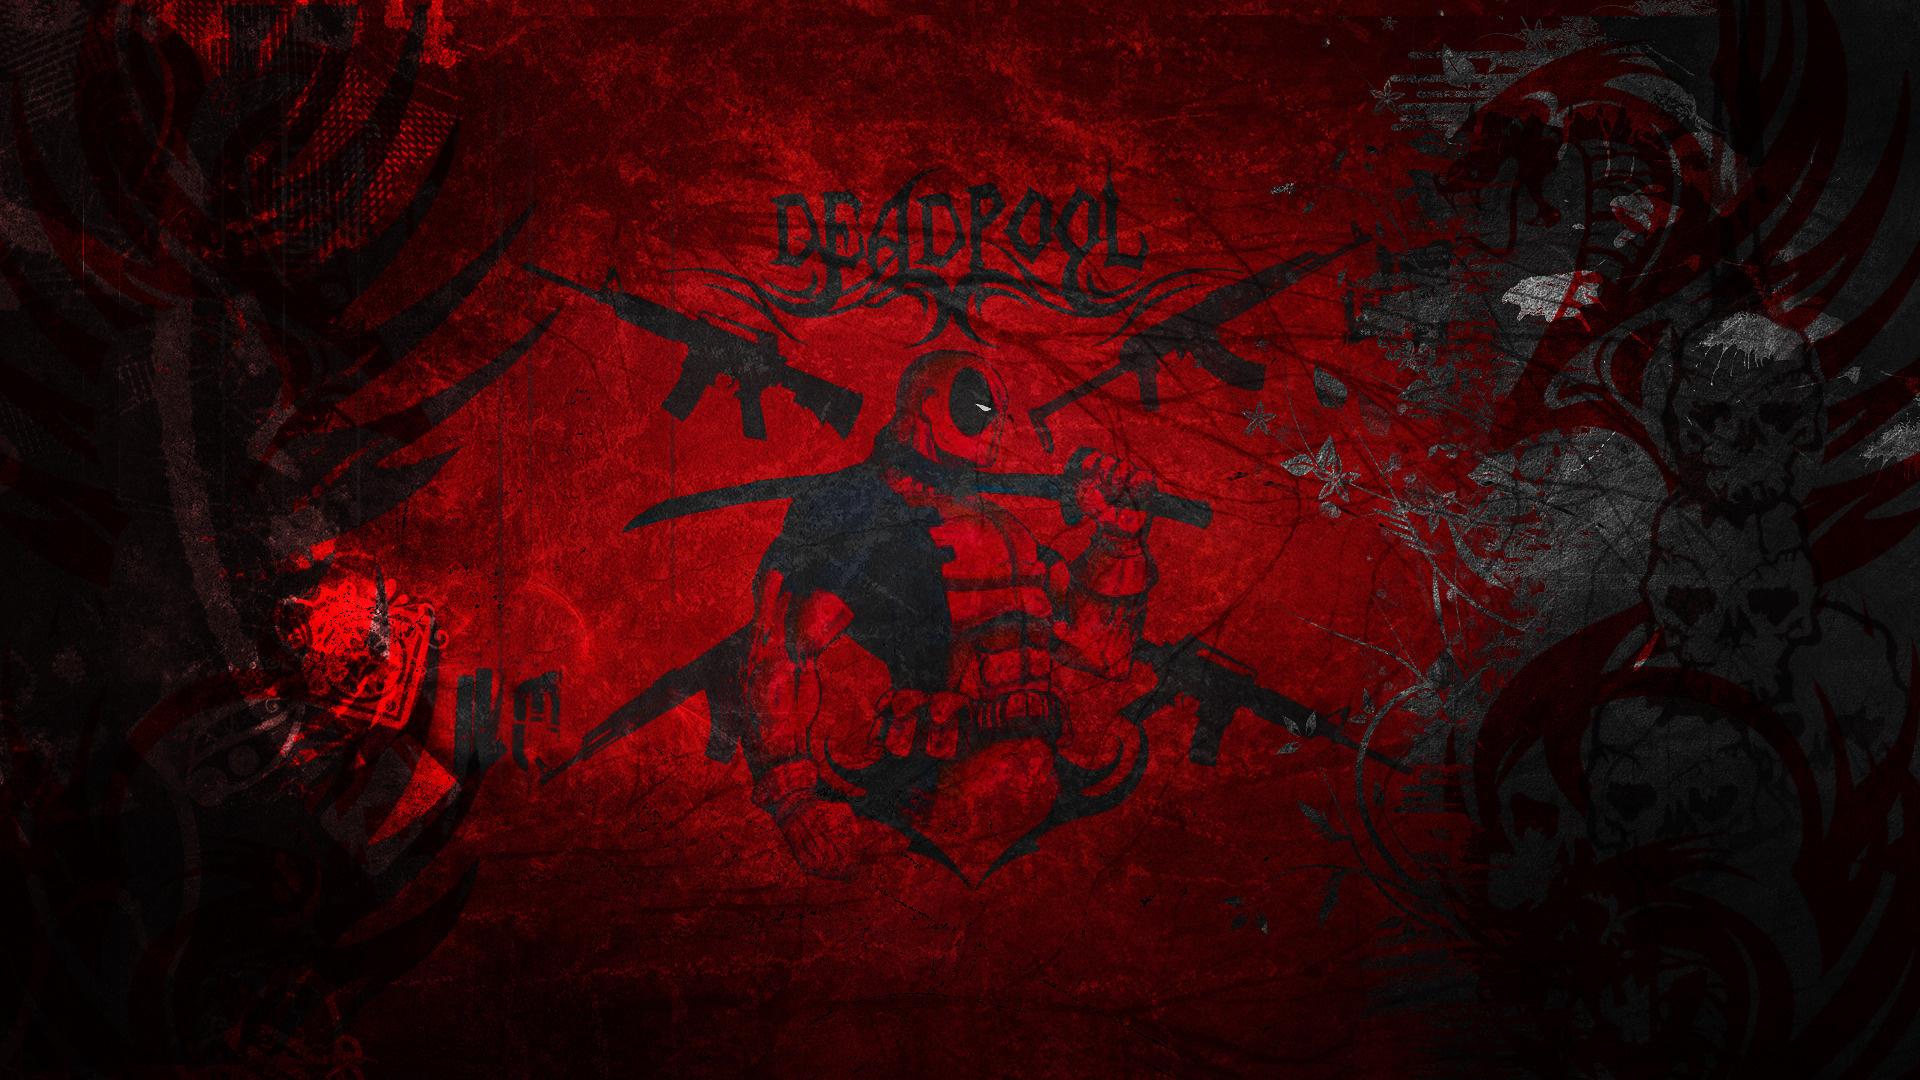 10 Best Badass Desktop Backgrounds 1920x1080 Full Hd 1080p: Deadpool Fond D'écran Hd HD